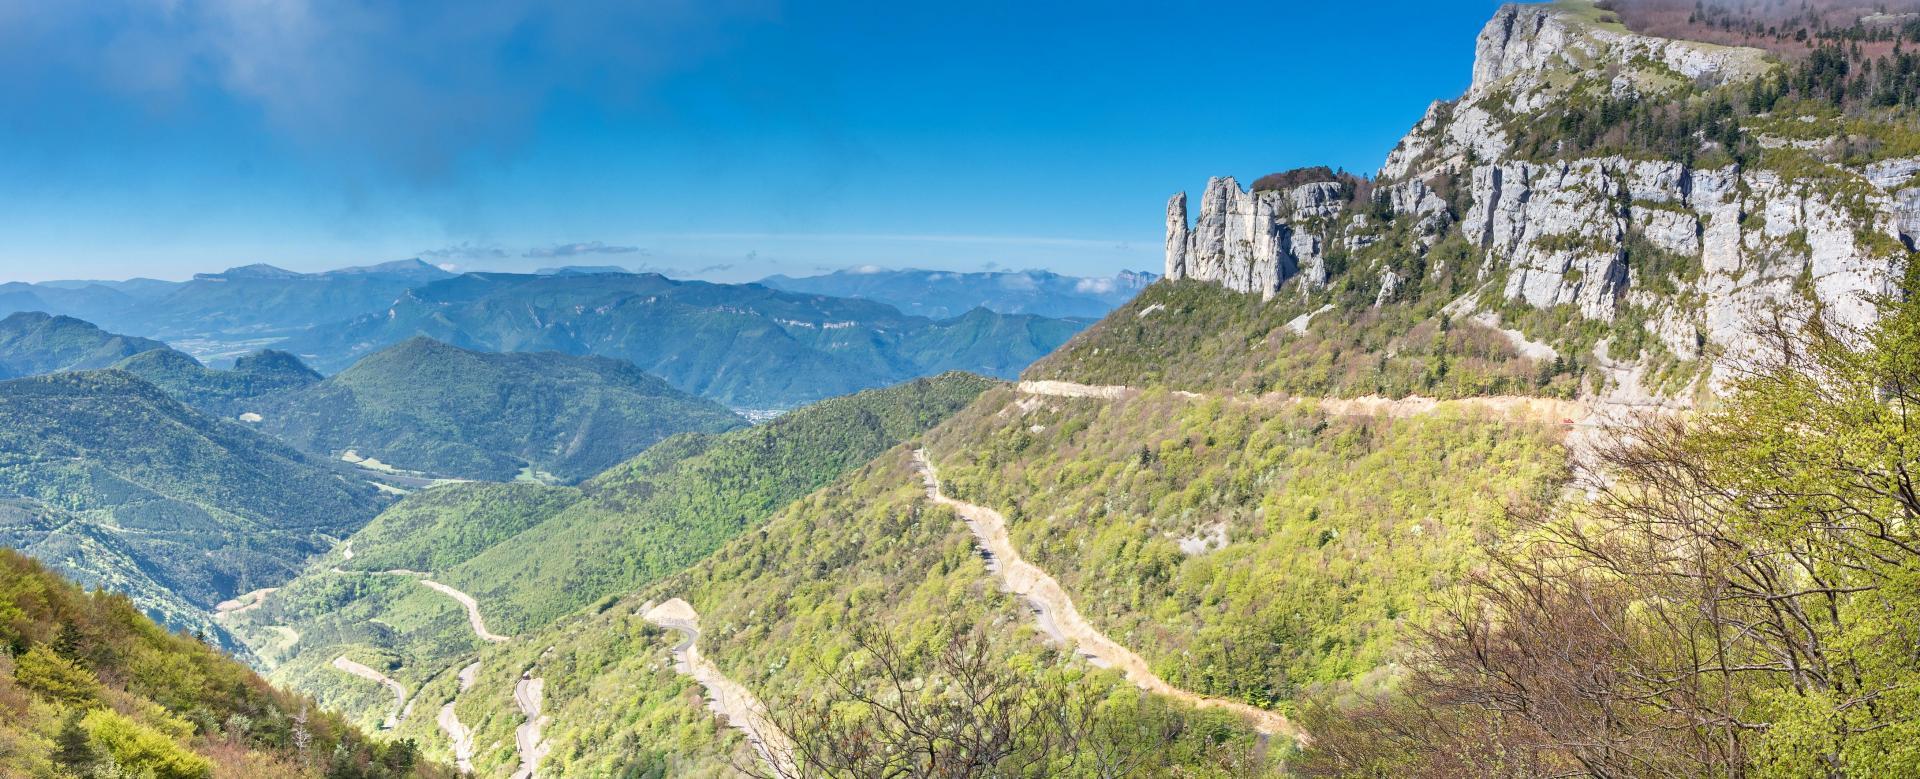 Voyage en véhicule France : Au fil de la drôme à vélo